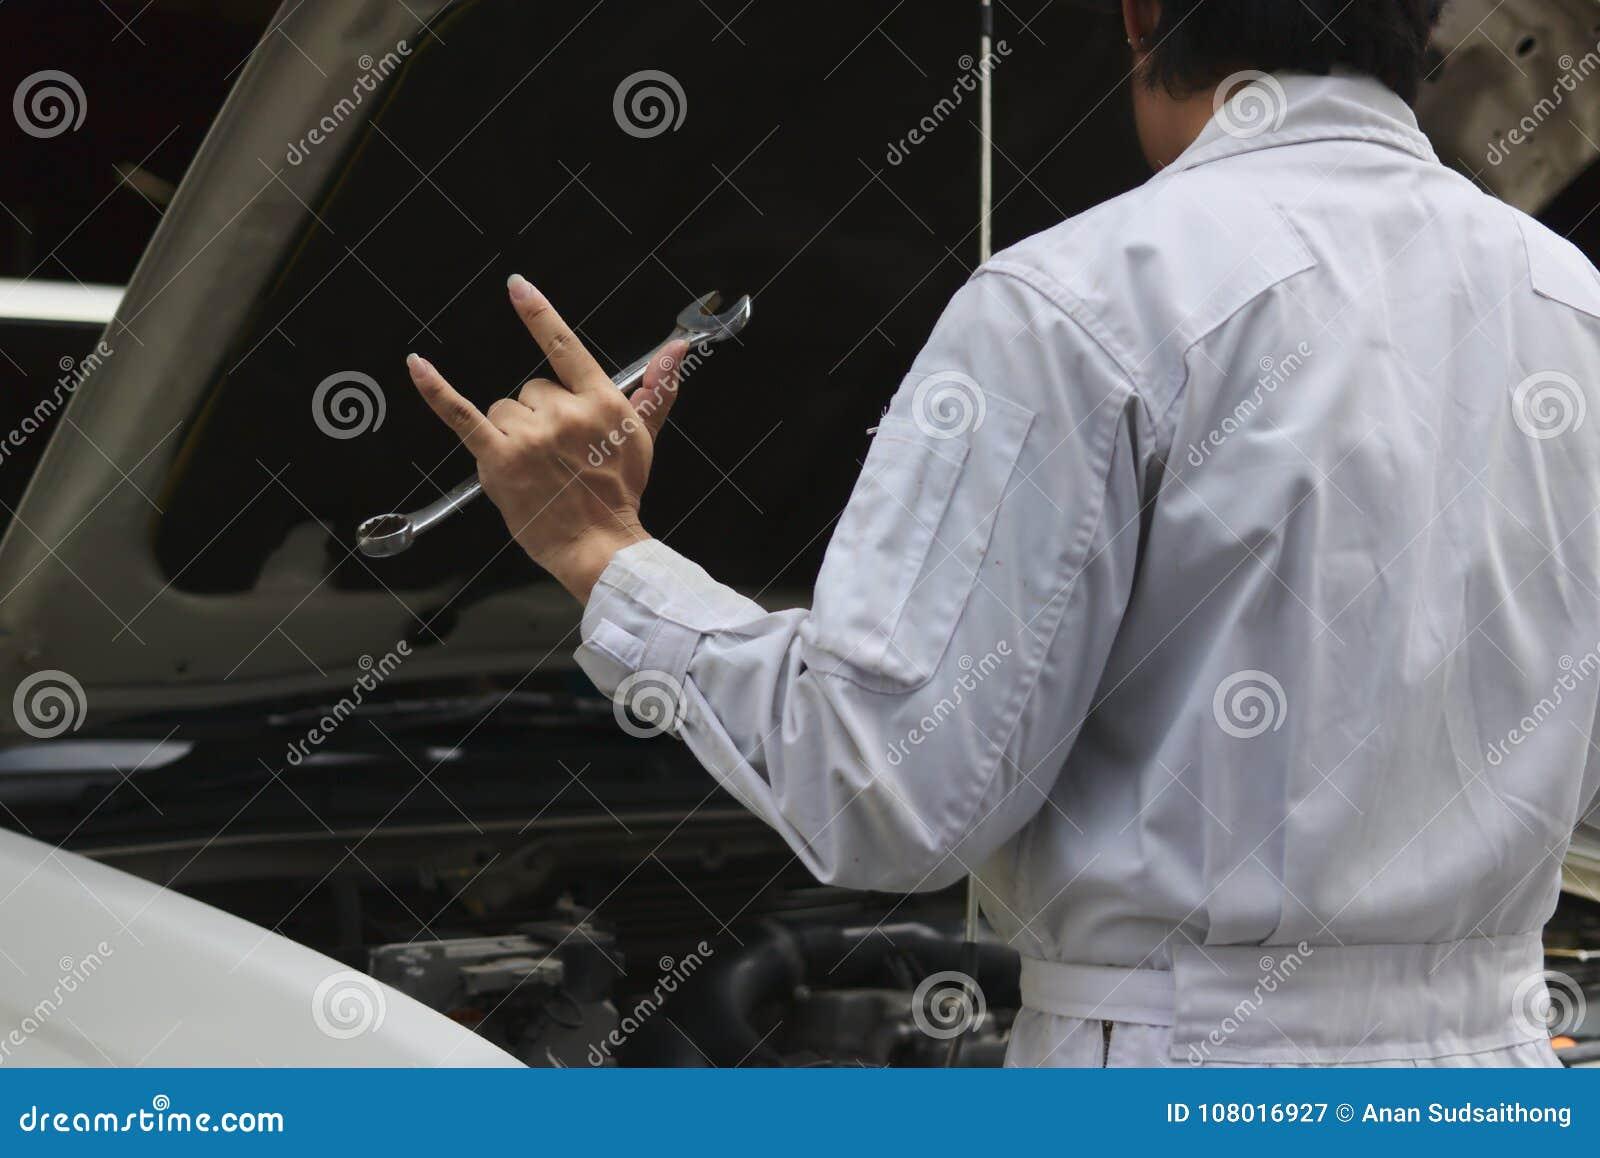 Hintere Ansicht des Berufsmechanikermannes, der ich liebe dich Schlüssel und seine Hand mit Zeichen mit Auto in der offenen Haube